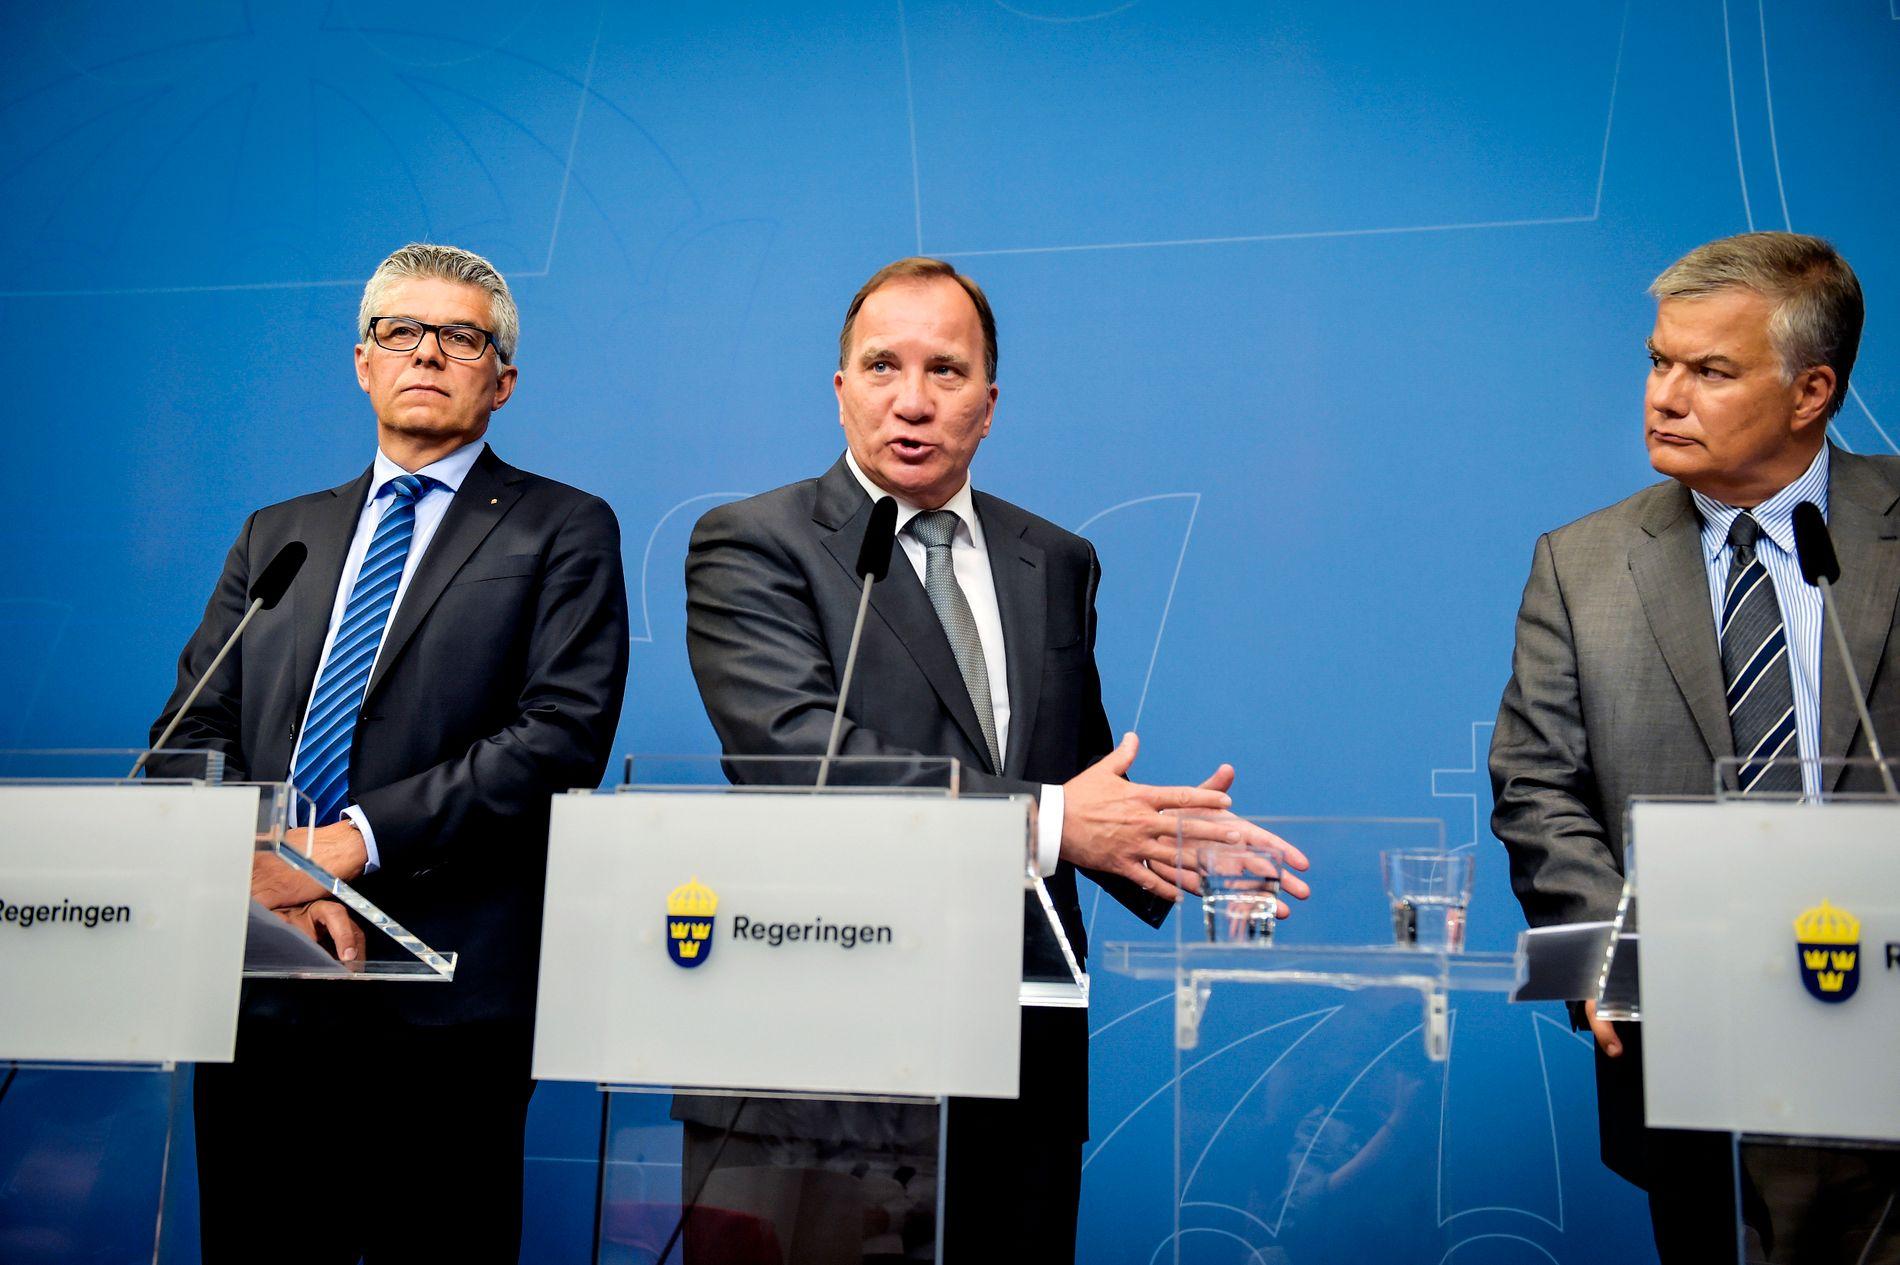 FORKLARER SEG: SÄPO-sjef Anders Thornberg (t.v.), statsminister Stefan Löfven (S) og Jonas Bjelfvenstam, generaldirektør i Transportstyrelsen (t.h), gikk mandag foran et pressekorps og forklarte seg om IT-skandalen.